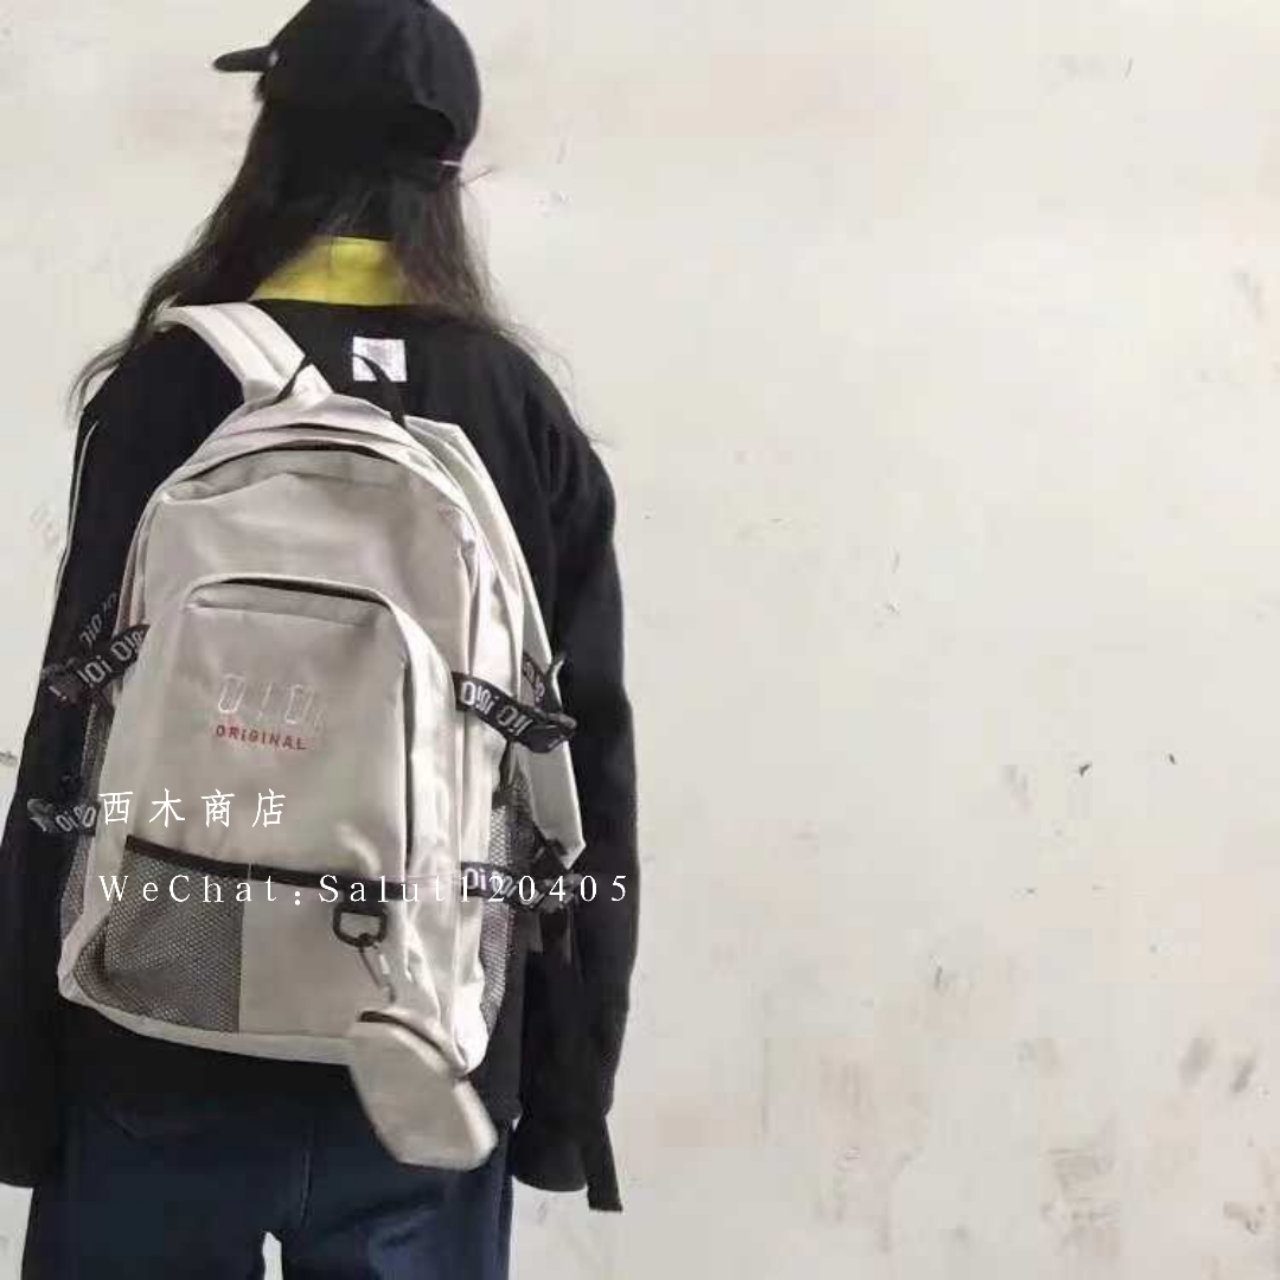 西木商店/i韩国定制oioi双肩包 旅行包 书包 学生多口袋功能包邮